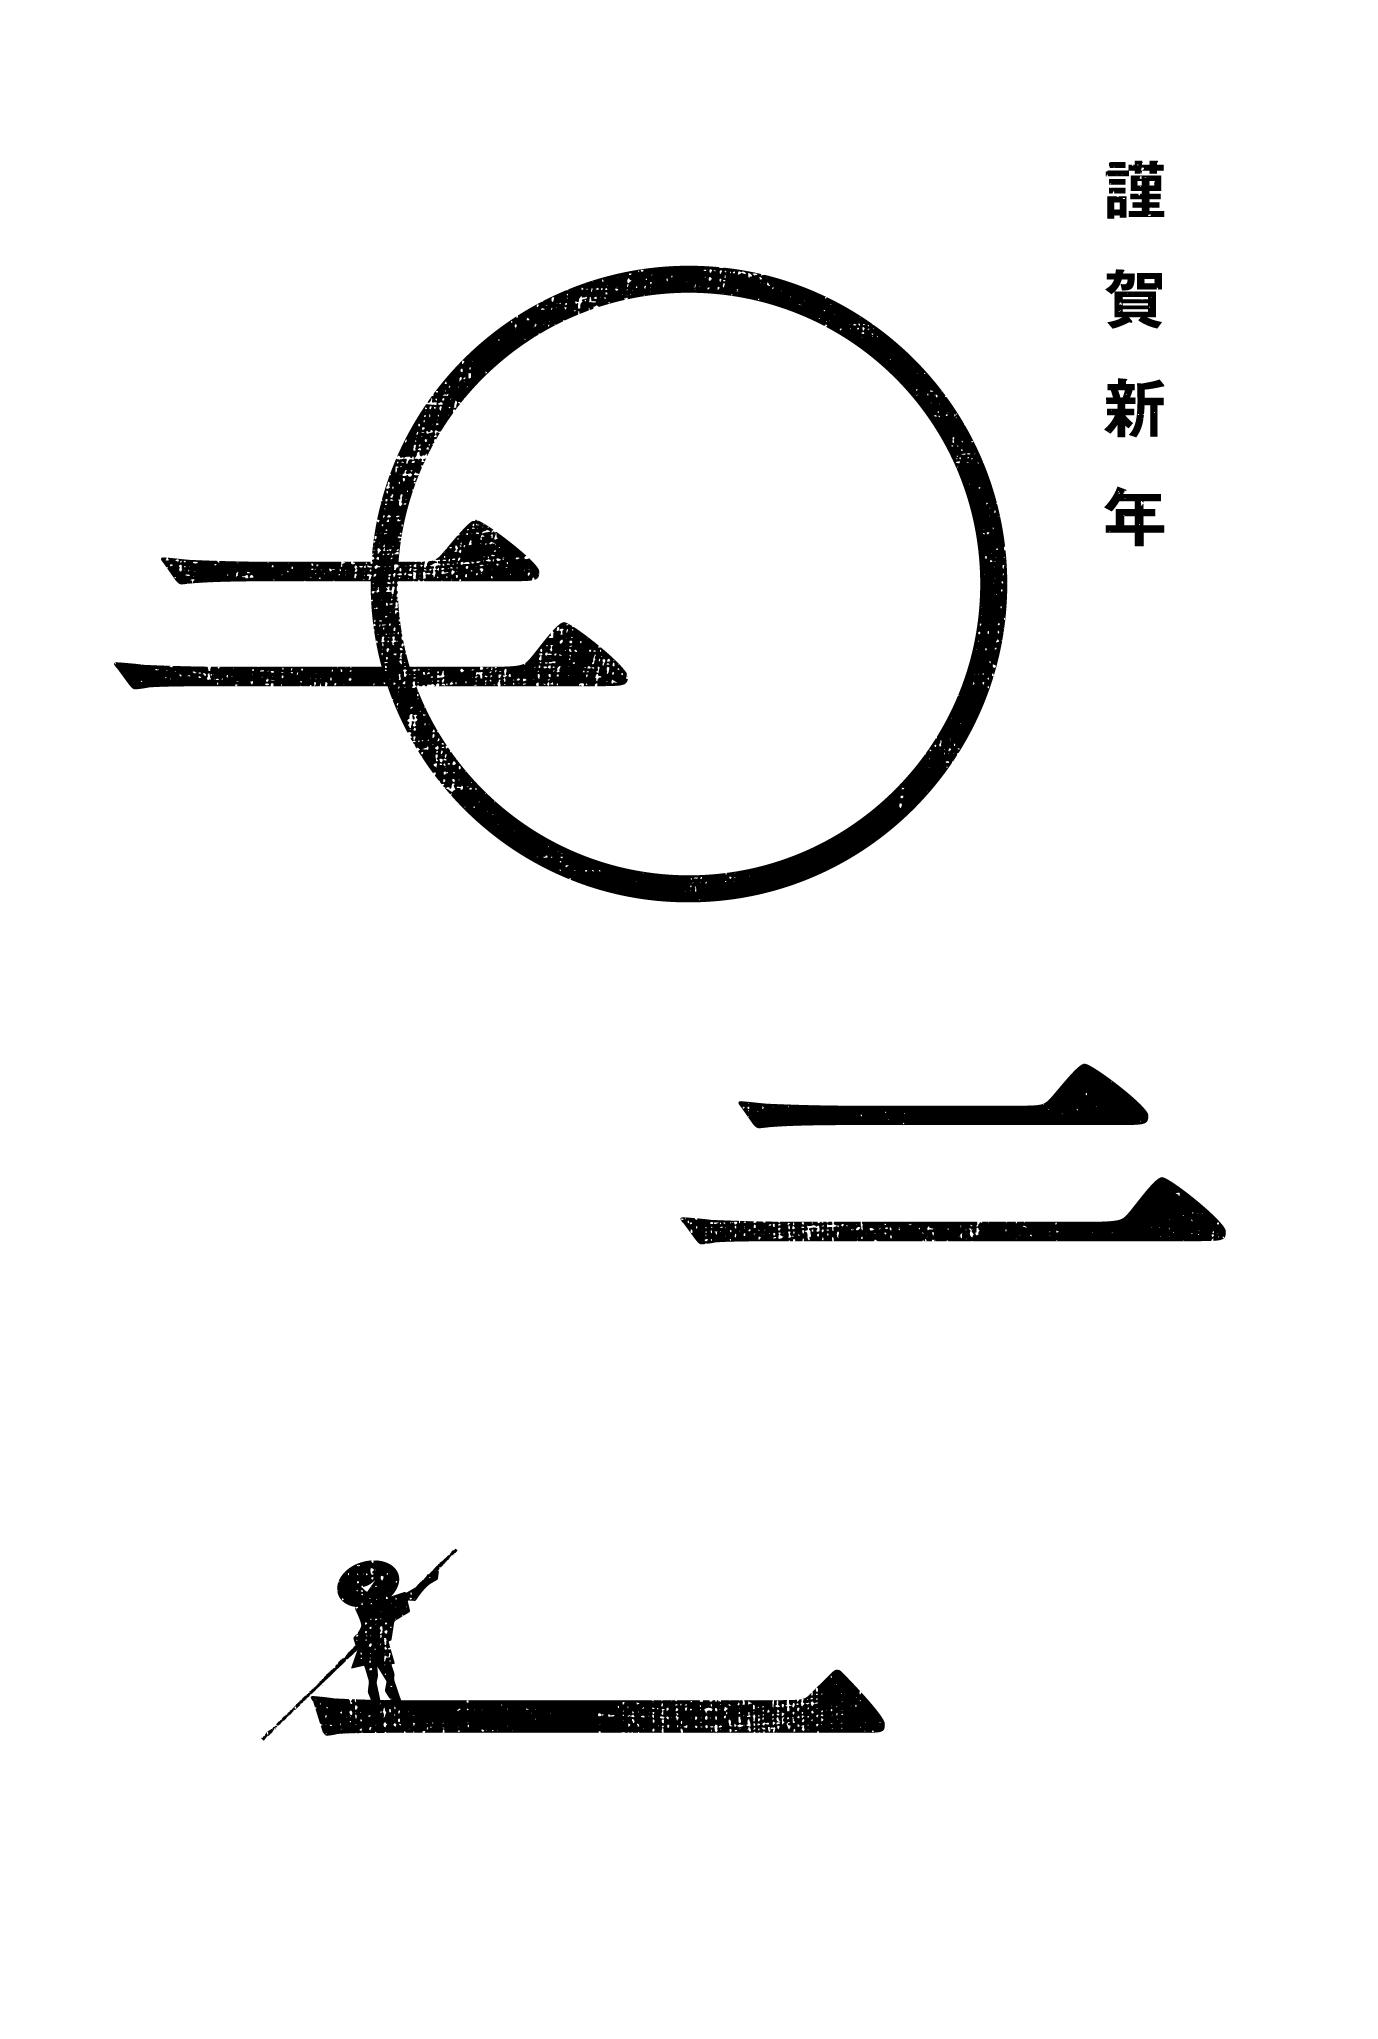 2021年賀状19-1:明朝の船頭 / 黒のダウンロード画像